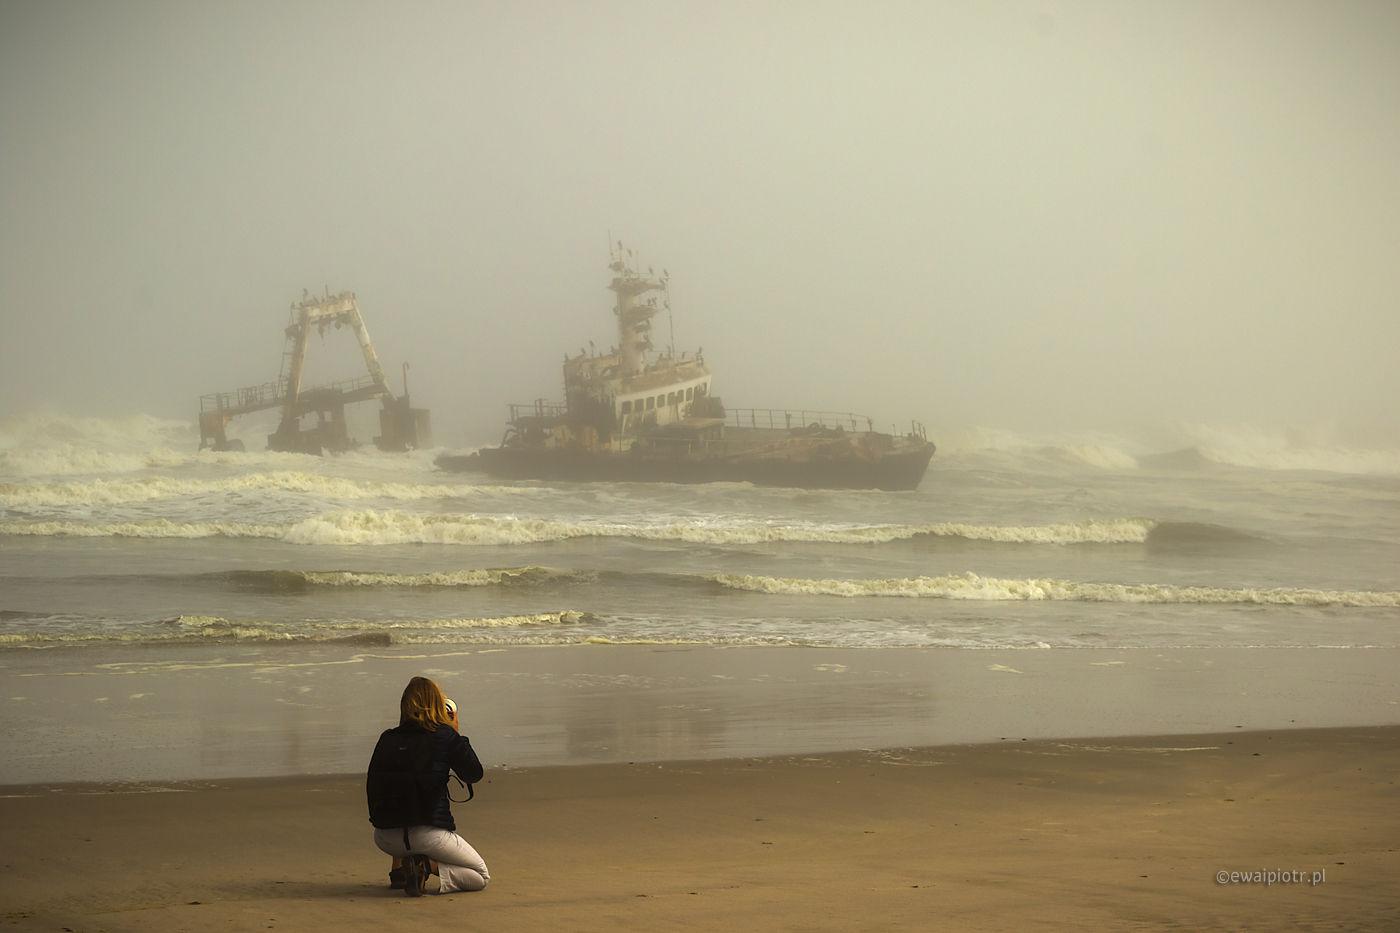 Fotograf i zatopiony statek, Namibia, co to jest fotowyprawa